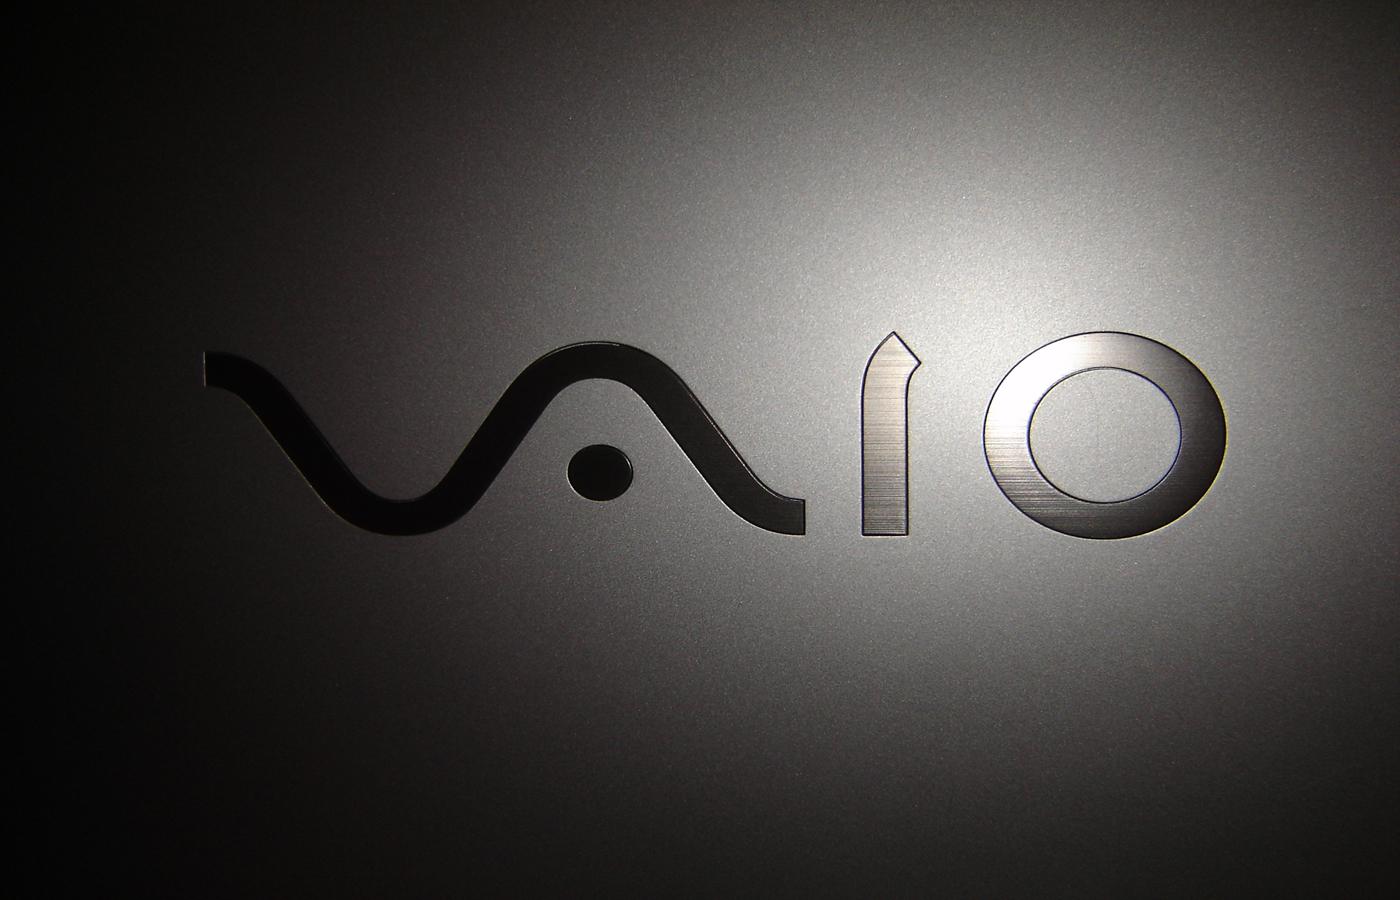 VAIO logo